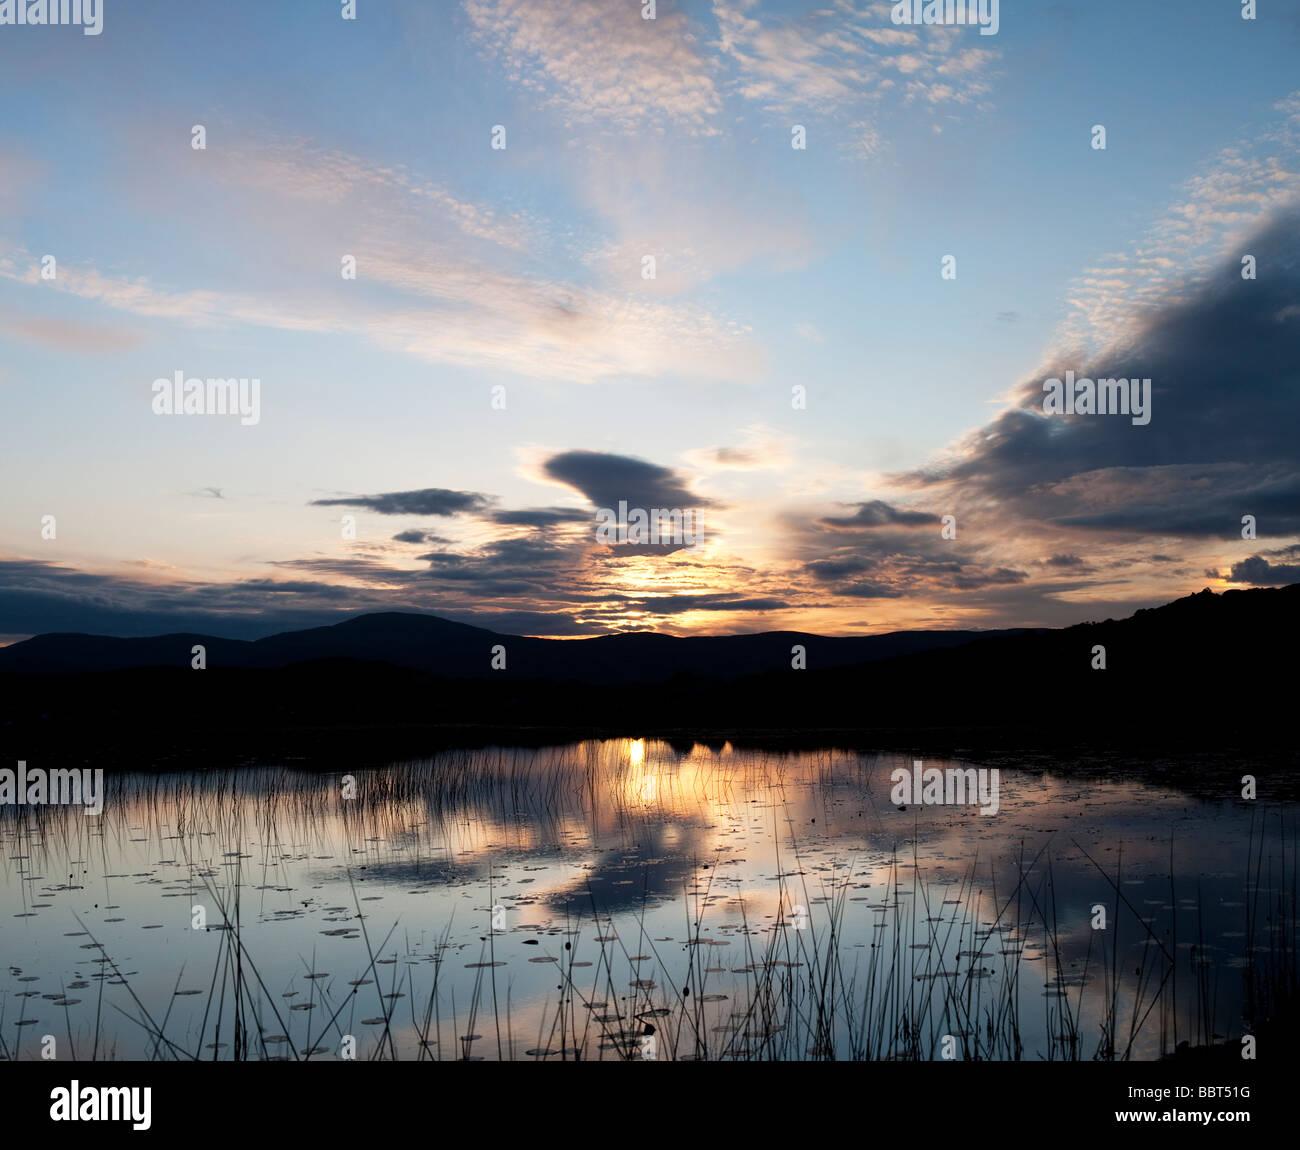 Noch loch Reflexionen bei Sonnenaufgang. Isle of Harris, Äußere Hebriden, Schottland Stockbild